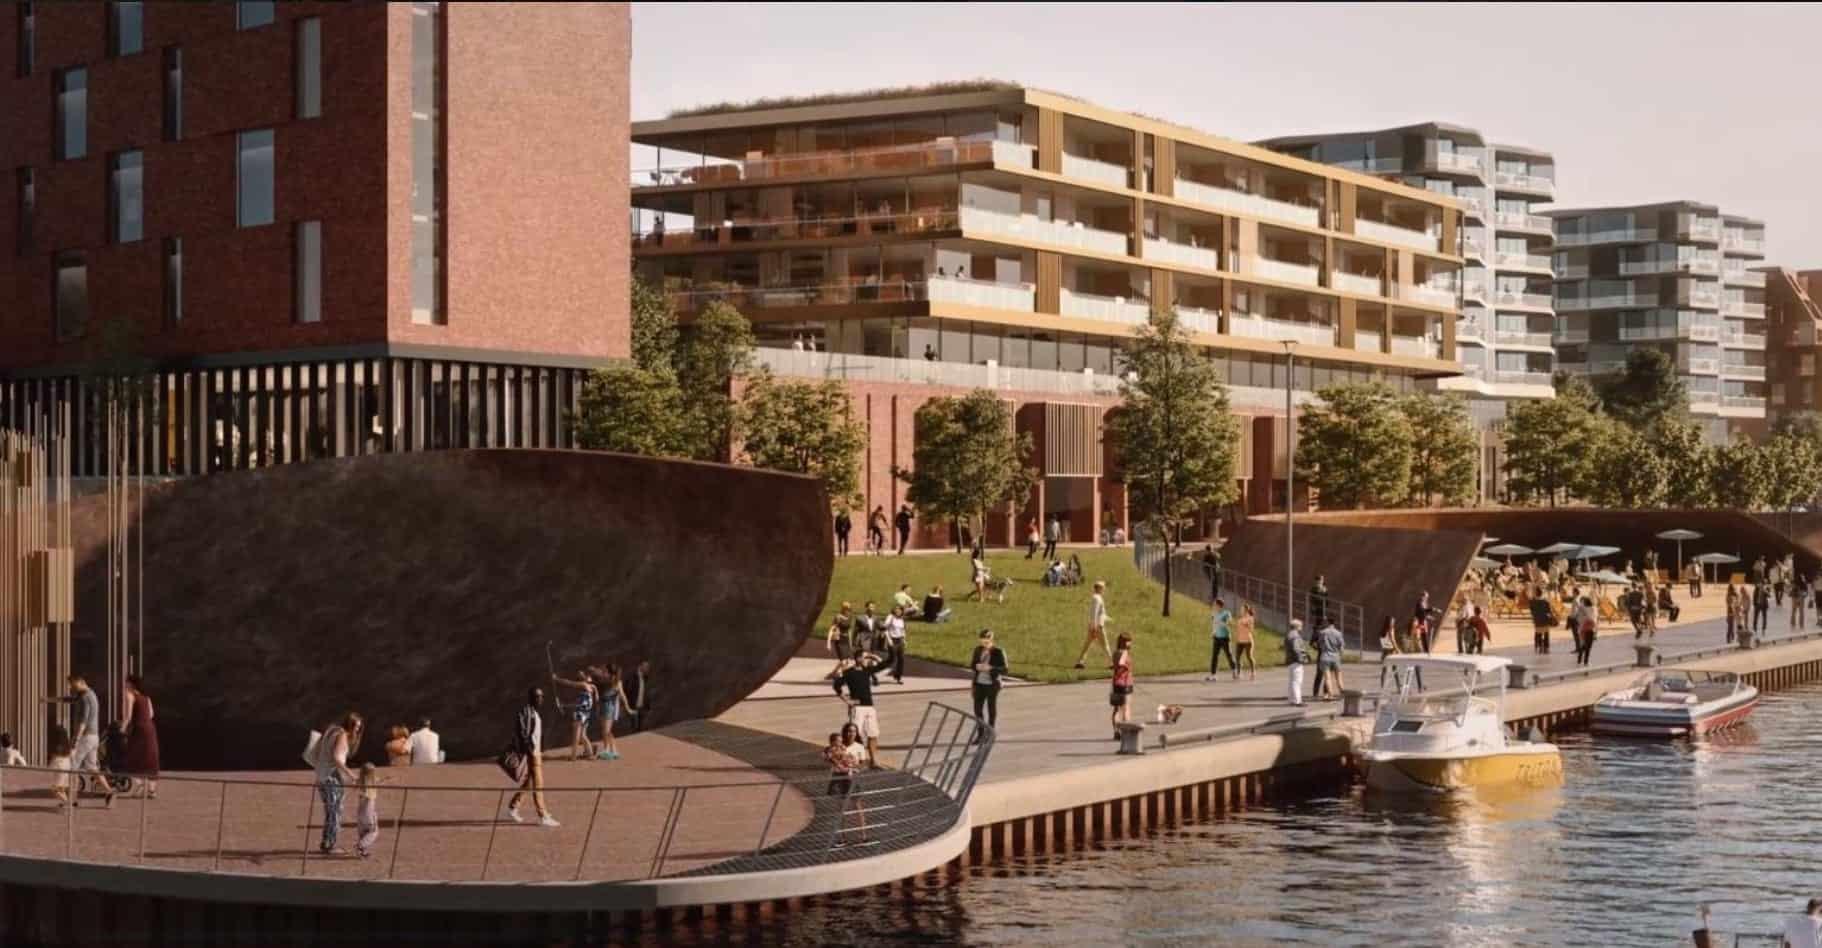 Waterfront Shores Condos Waterfront Trail Hamilton True Condos